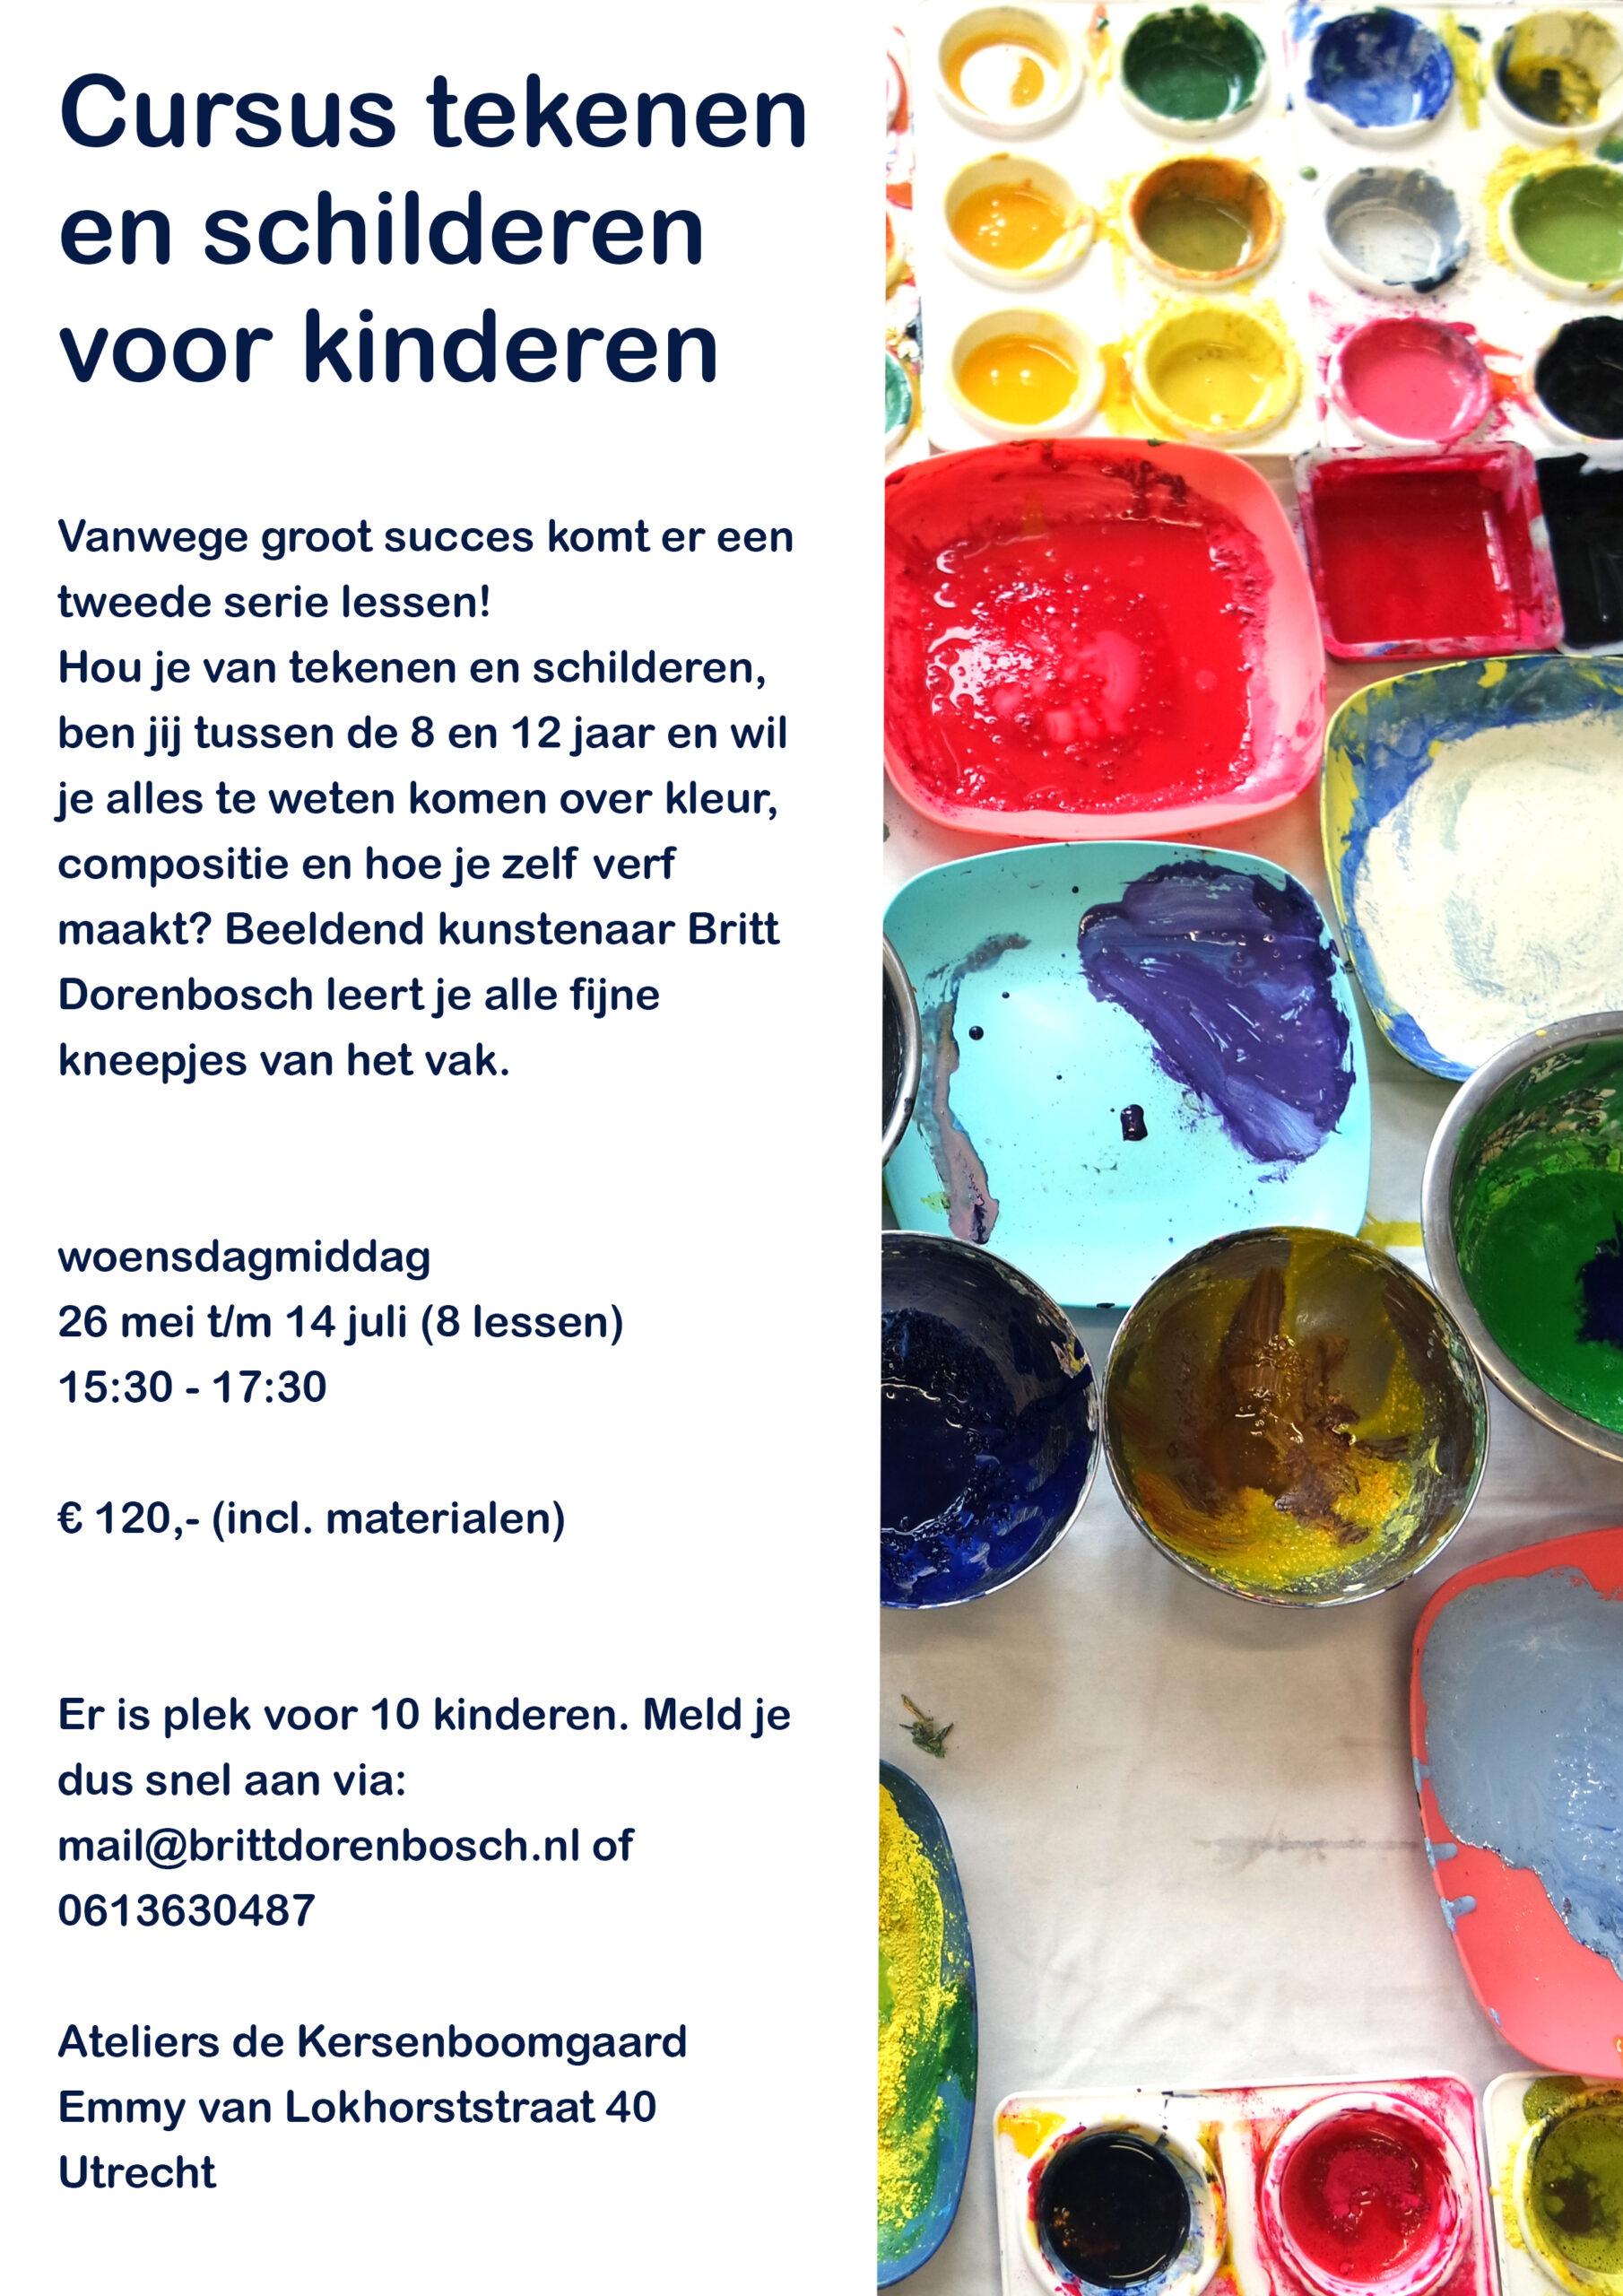 Flyer-Cursus-Tekenen-en-schilderen-2 Utrecht Kinderen Cursus workshop verf schilderen